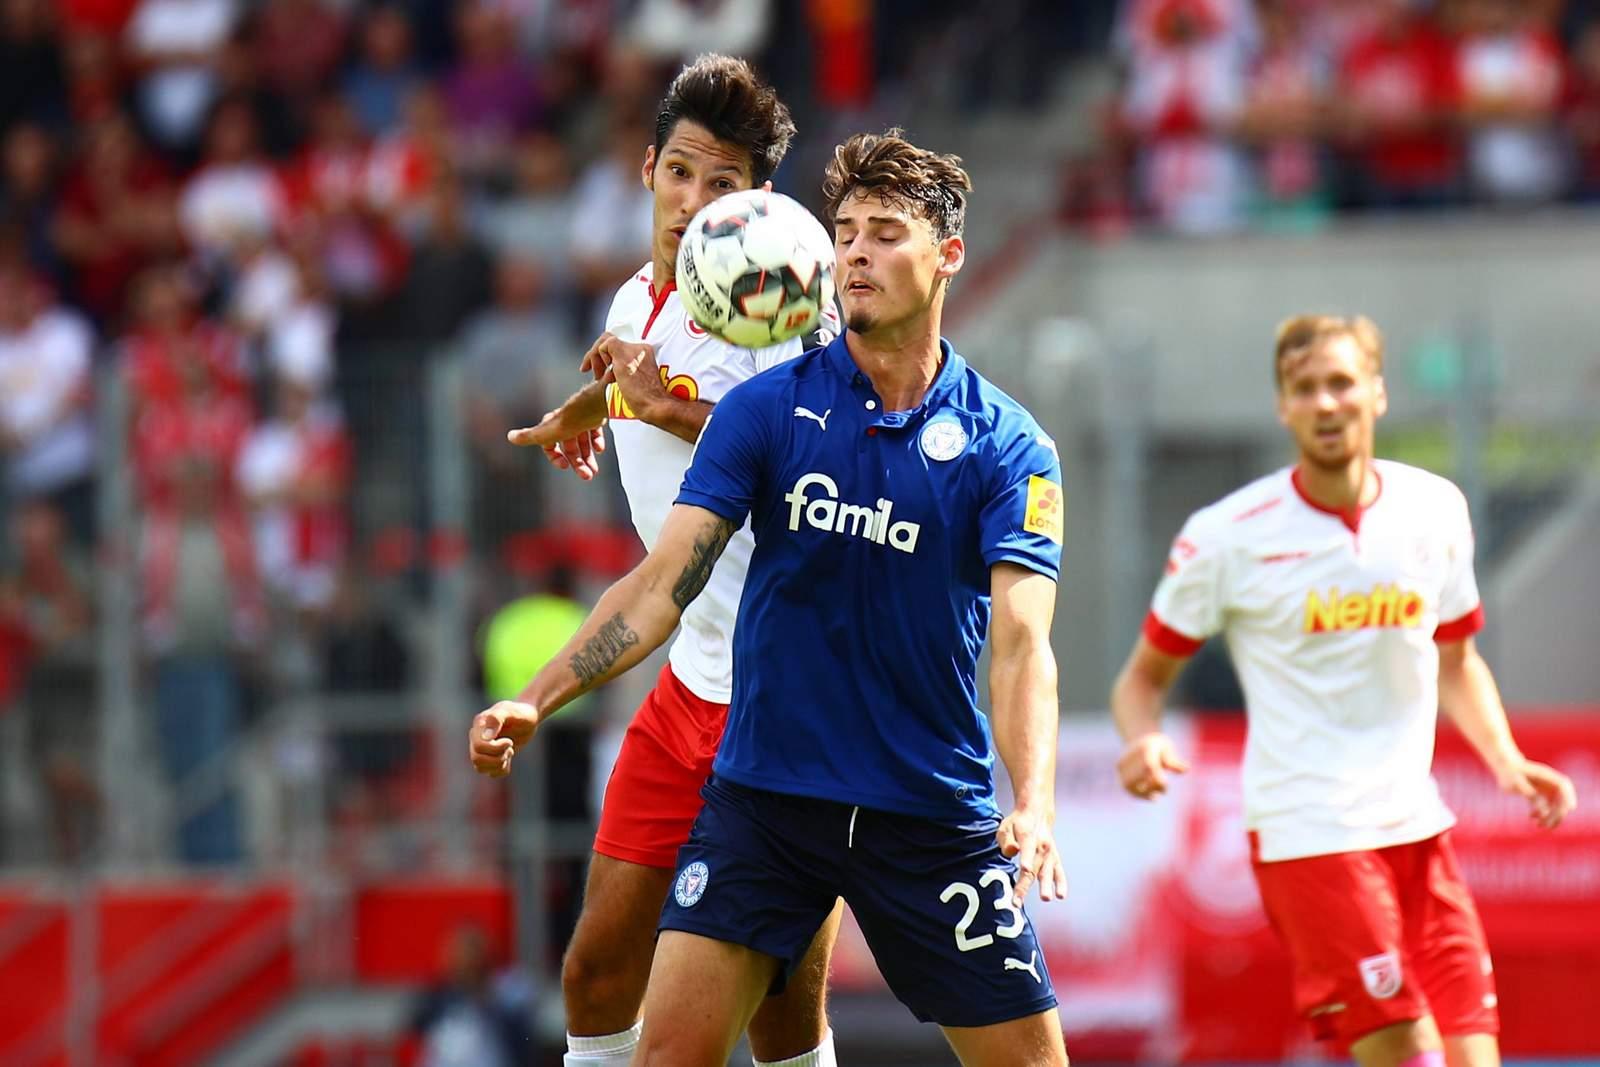 Janni Serra von Holstein Kiel gegen Regensburgs Marcel Correia.